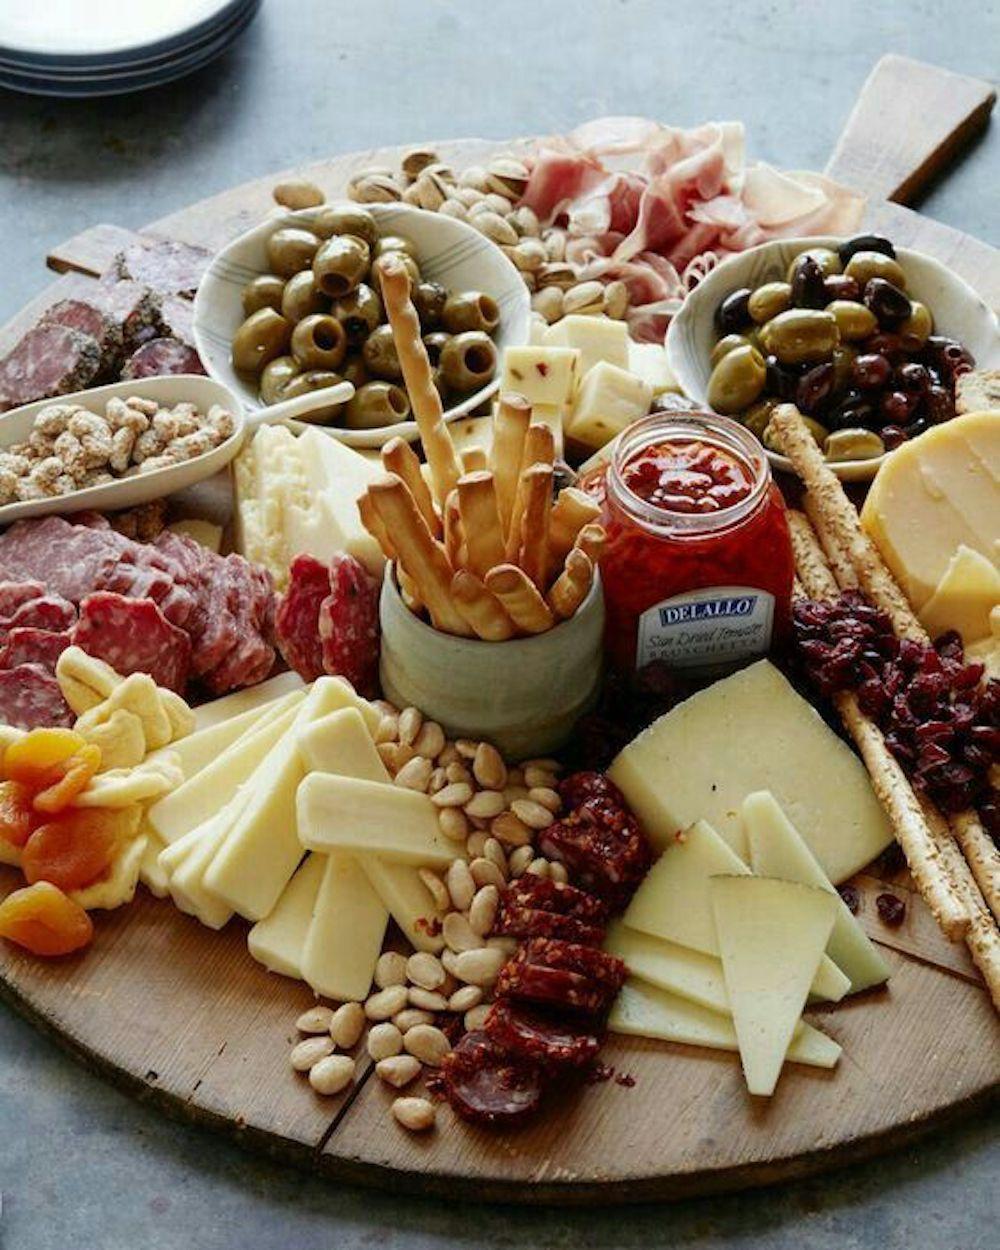 Cena informal con tablas de madera  y alimentos saludables